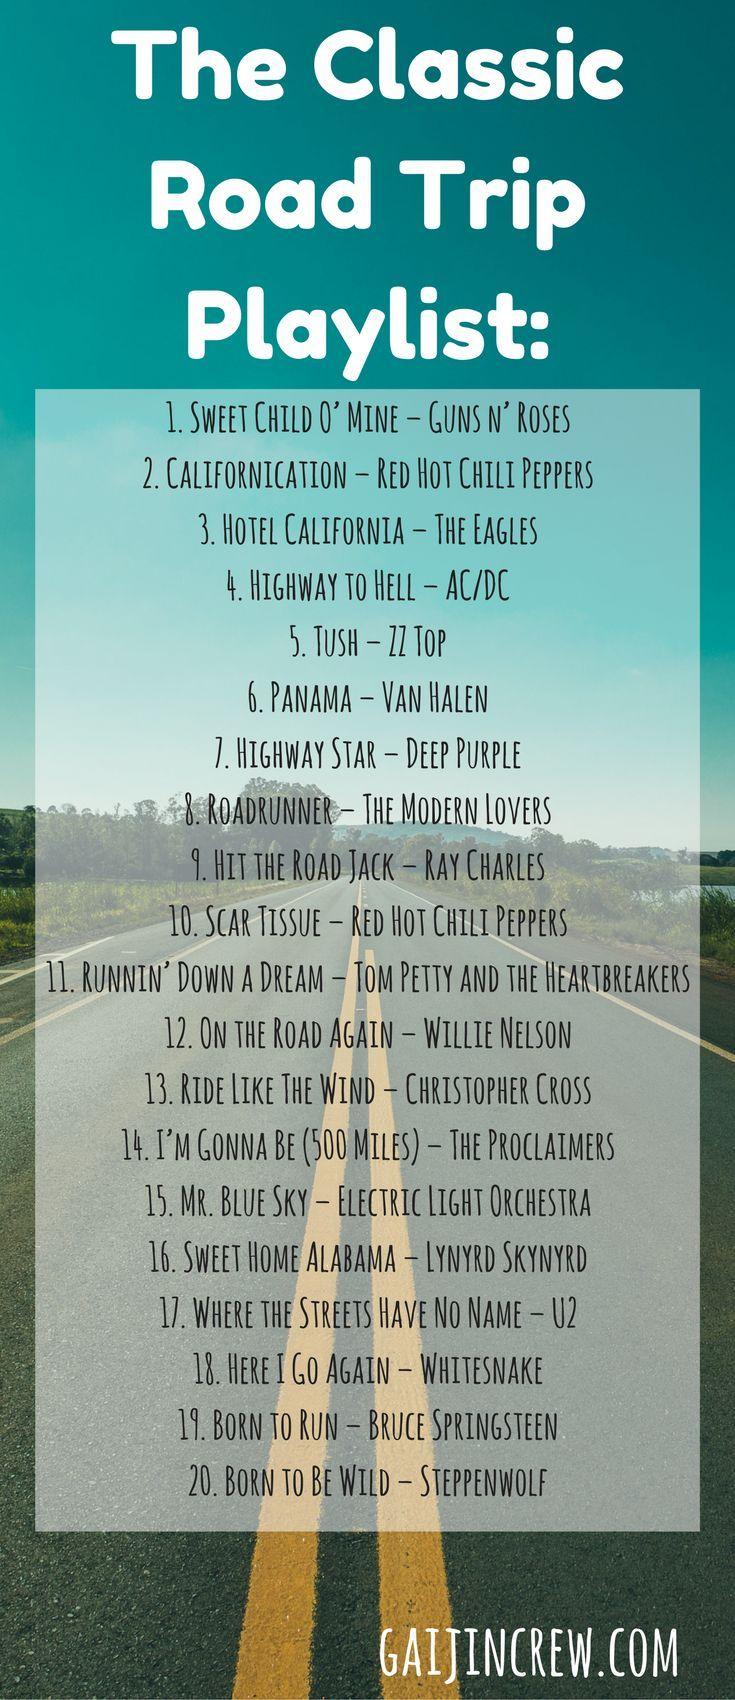 The best road trip playlist. road trip playlist| road trip playlist songs| road trip playlist roadtrip music| road trip playlist best| road trip playlist rock